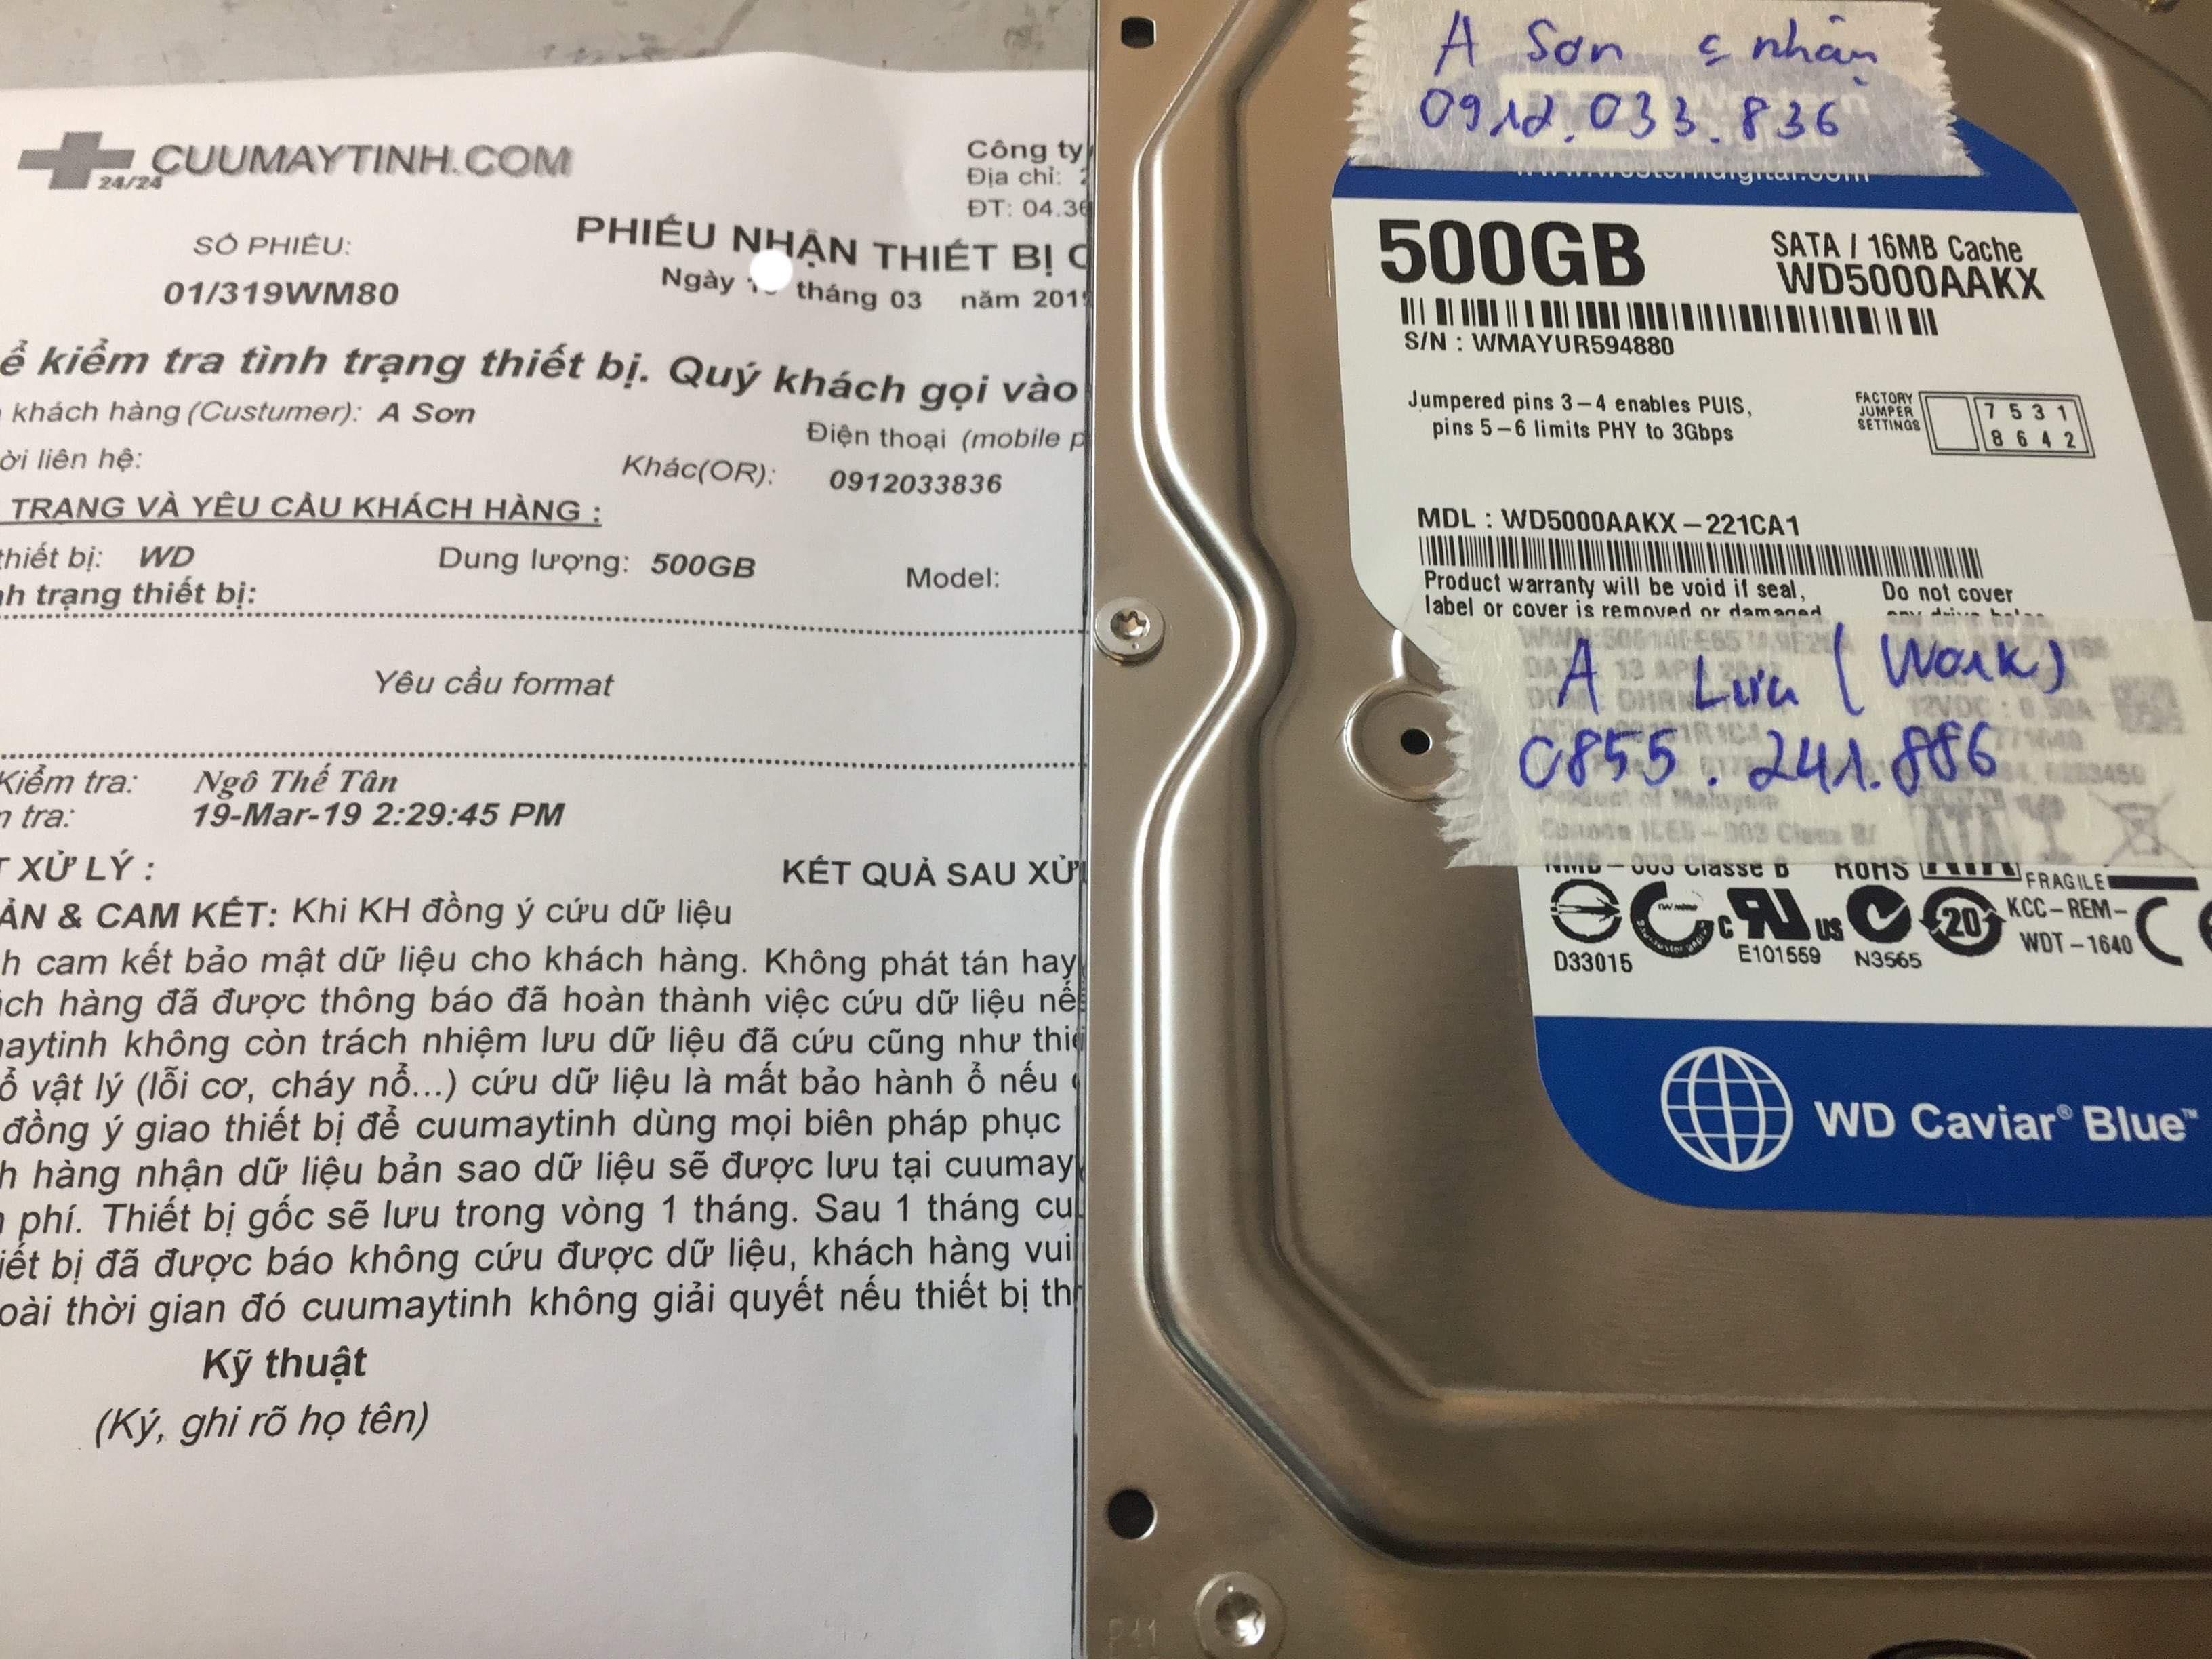 Lấy dữ liệu ổ cứng Western 500GB yêu cầu format tại Nam Định 27/03/2019 - cuumaytinh